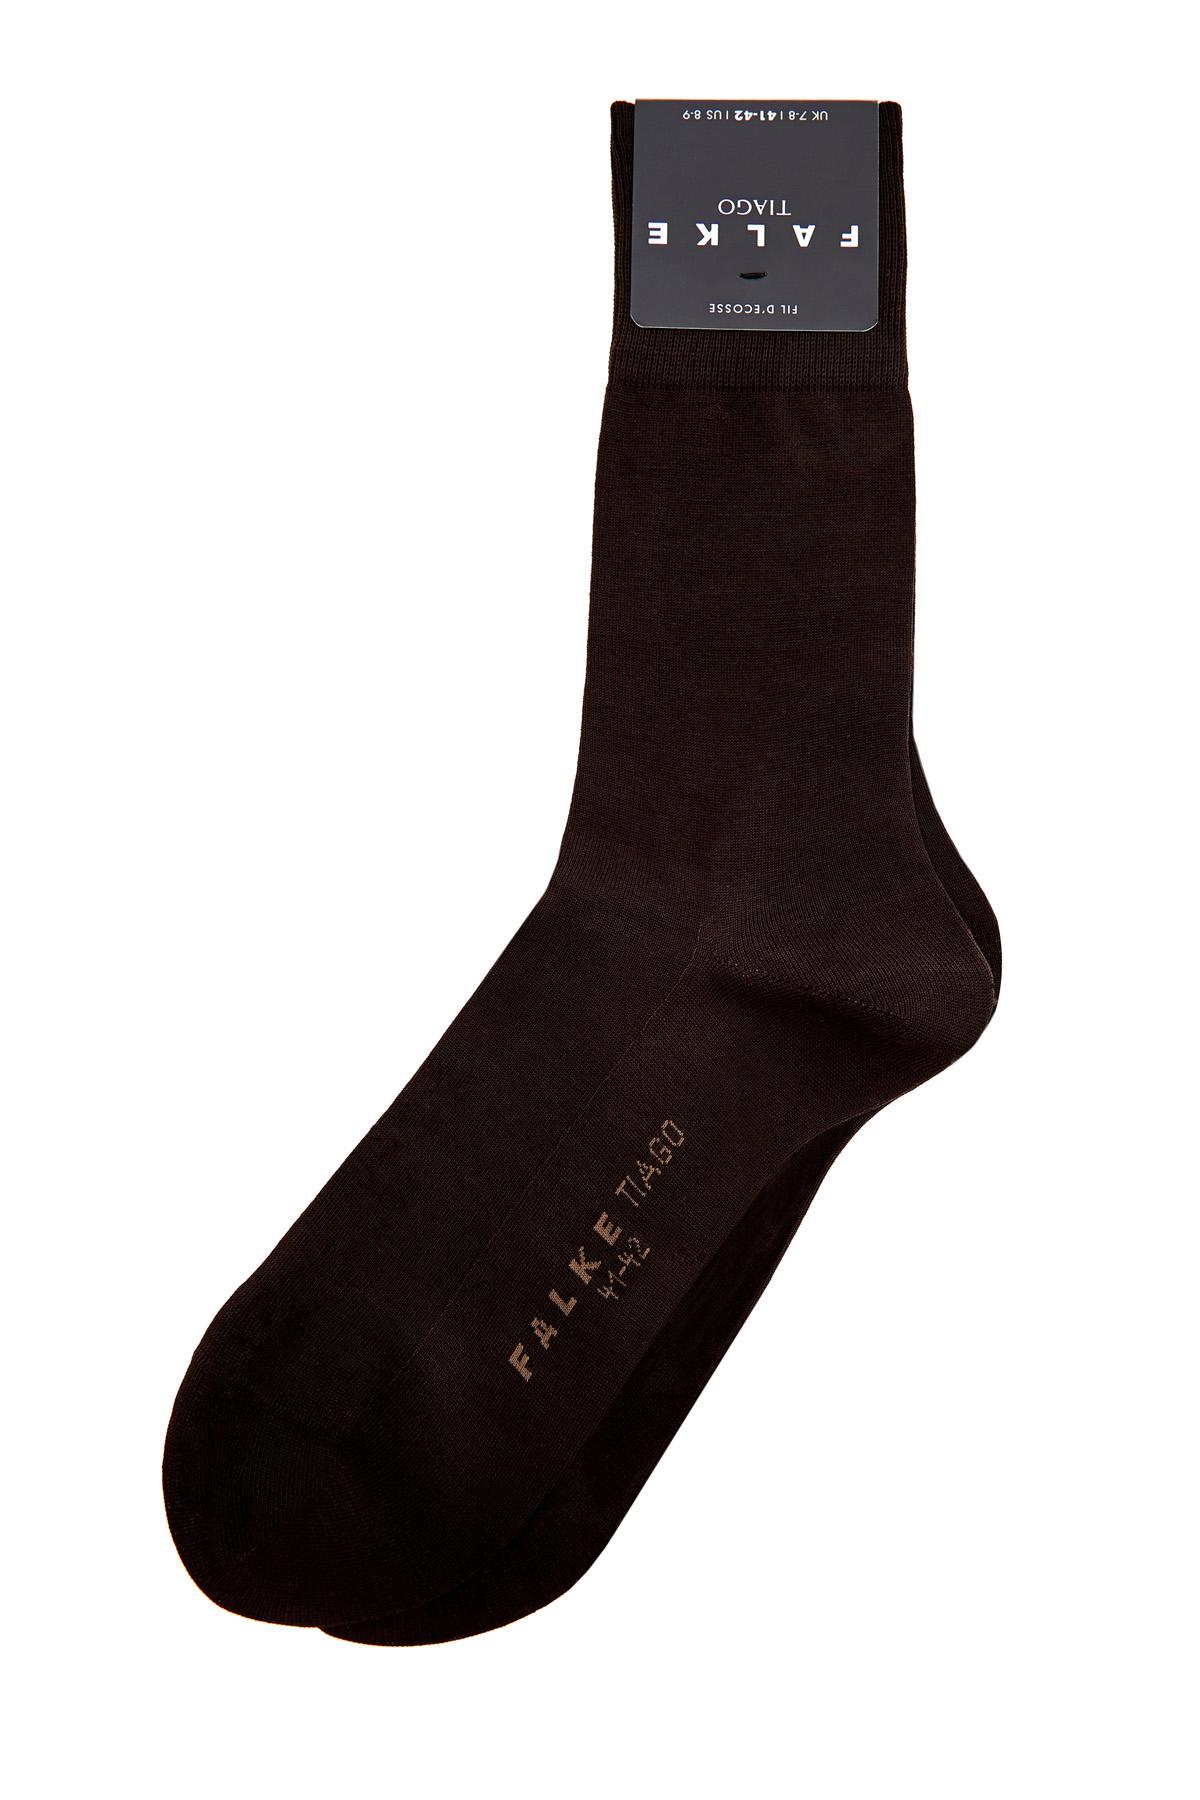 Носки из обработанного мерсеризованного хлопка.